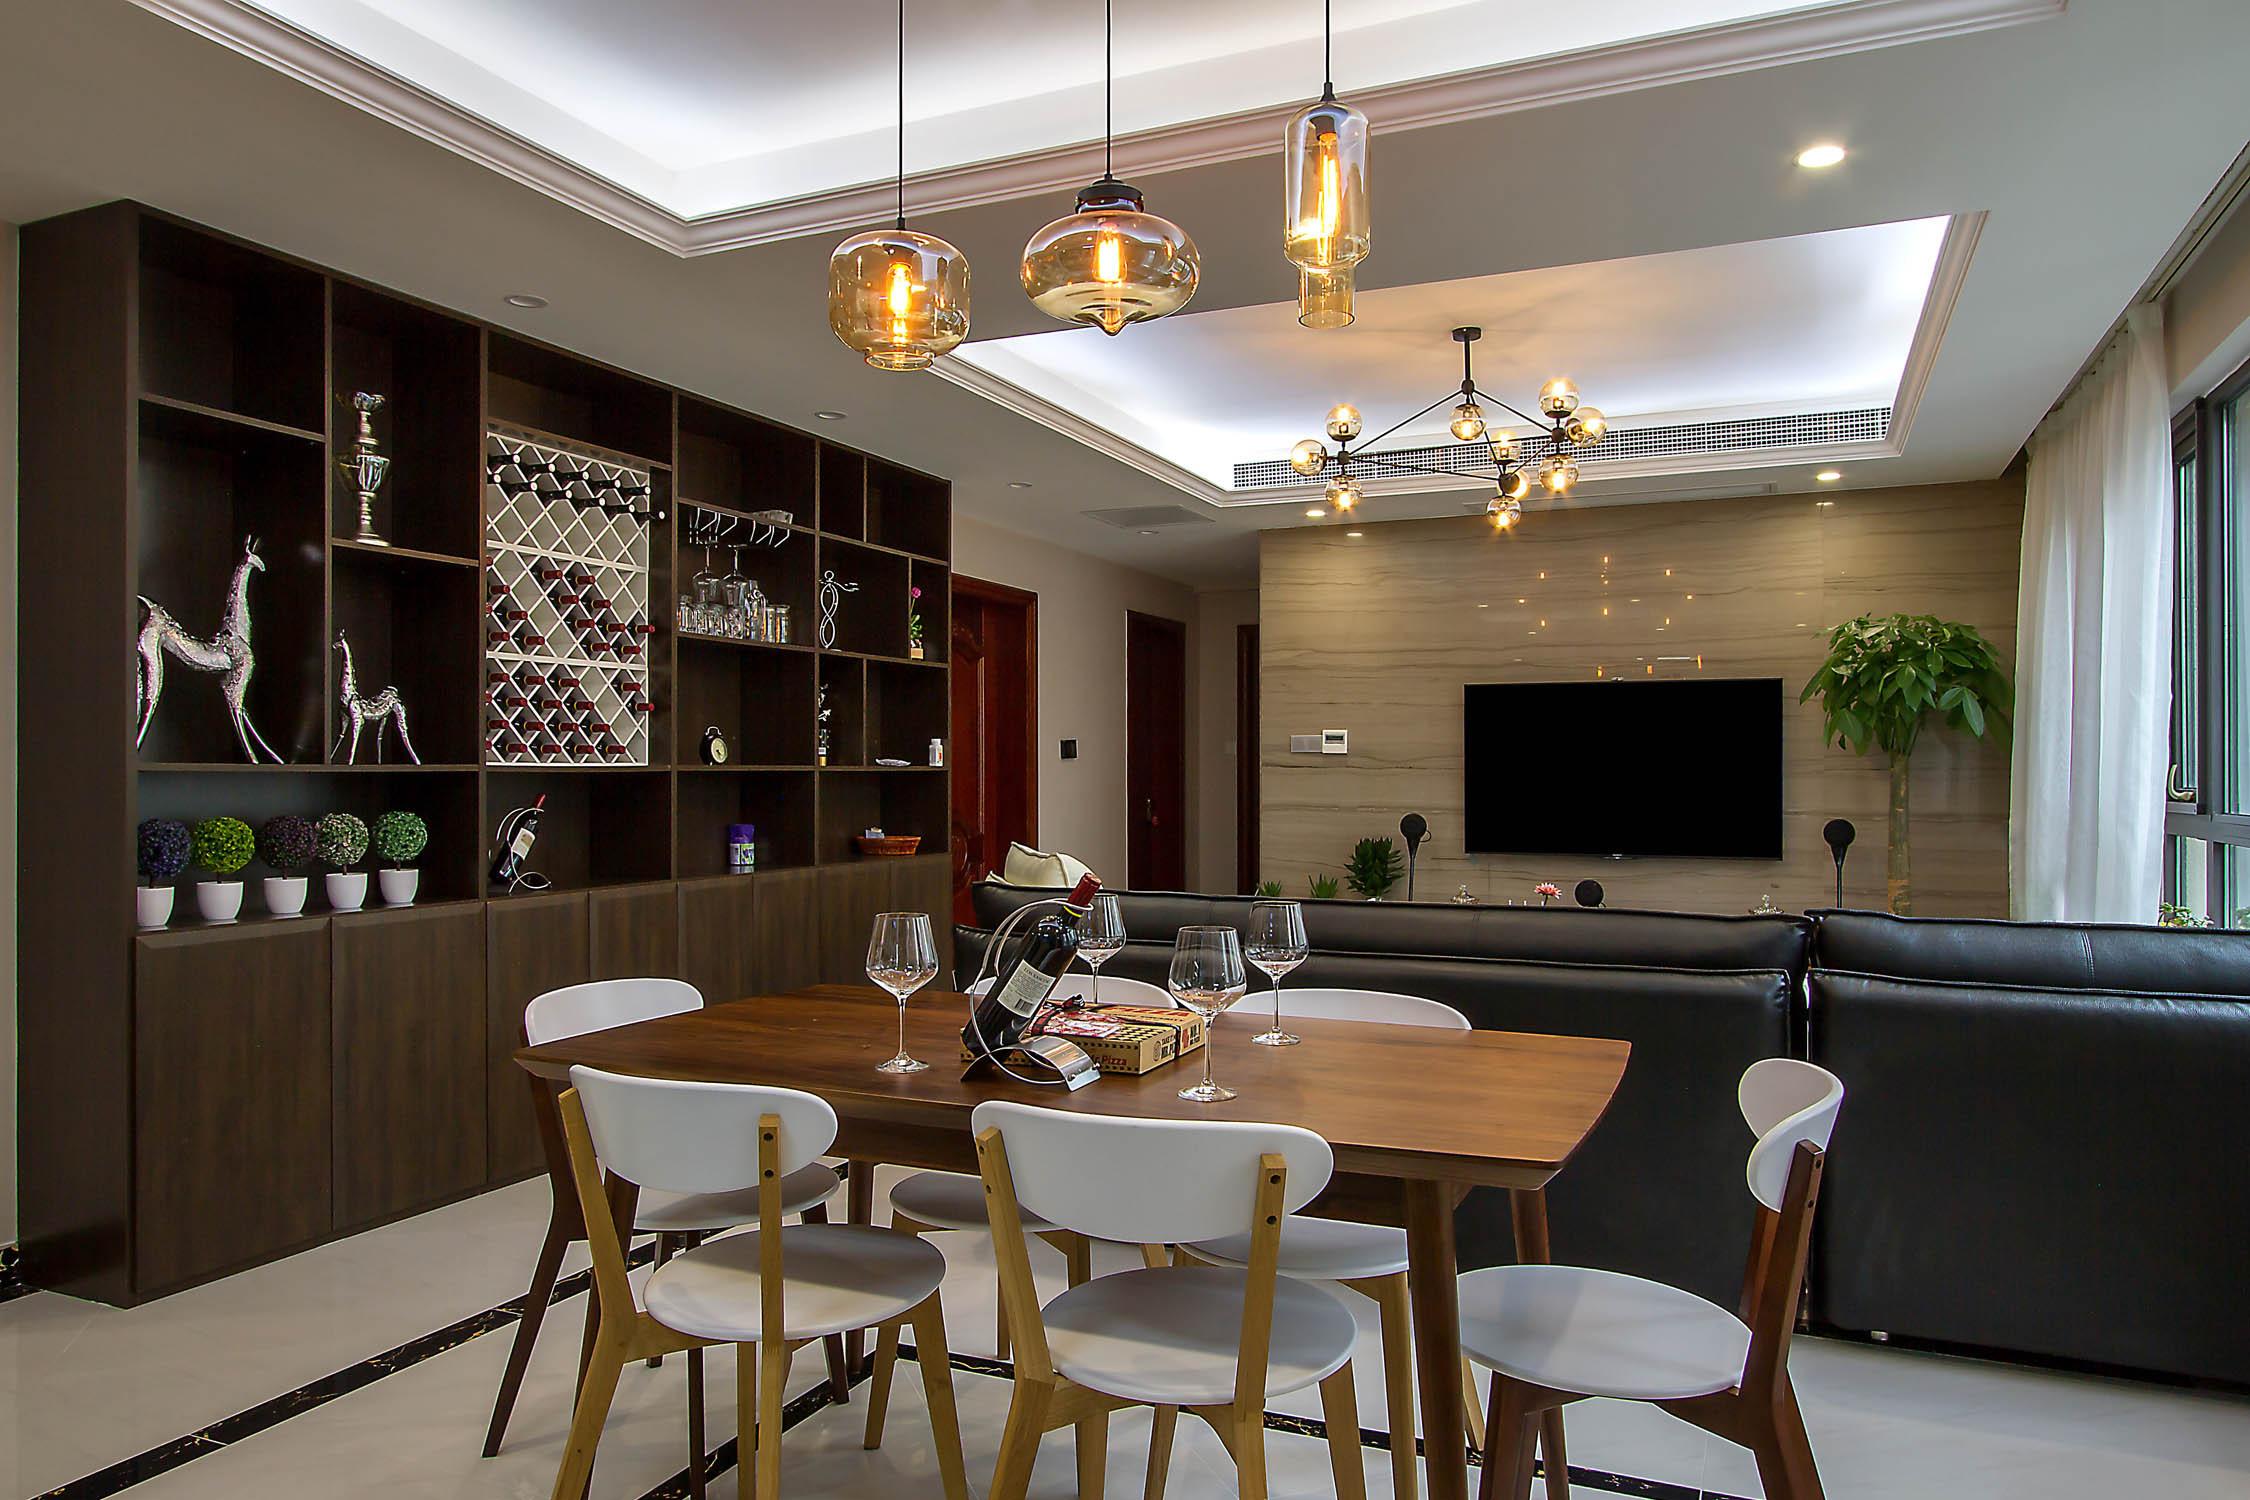 140平现代休闲风装修餐厅设计图